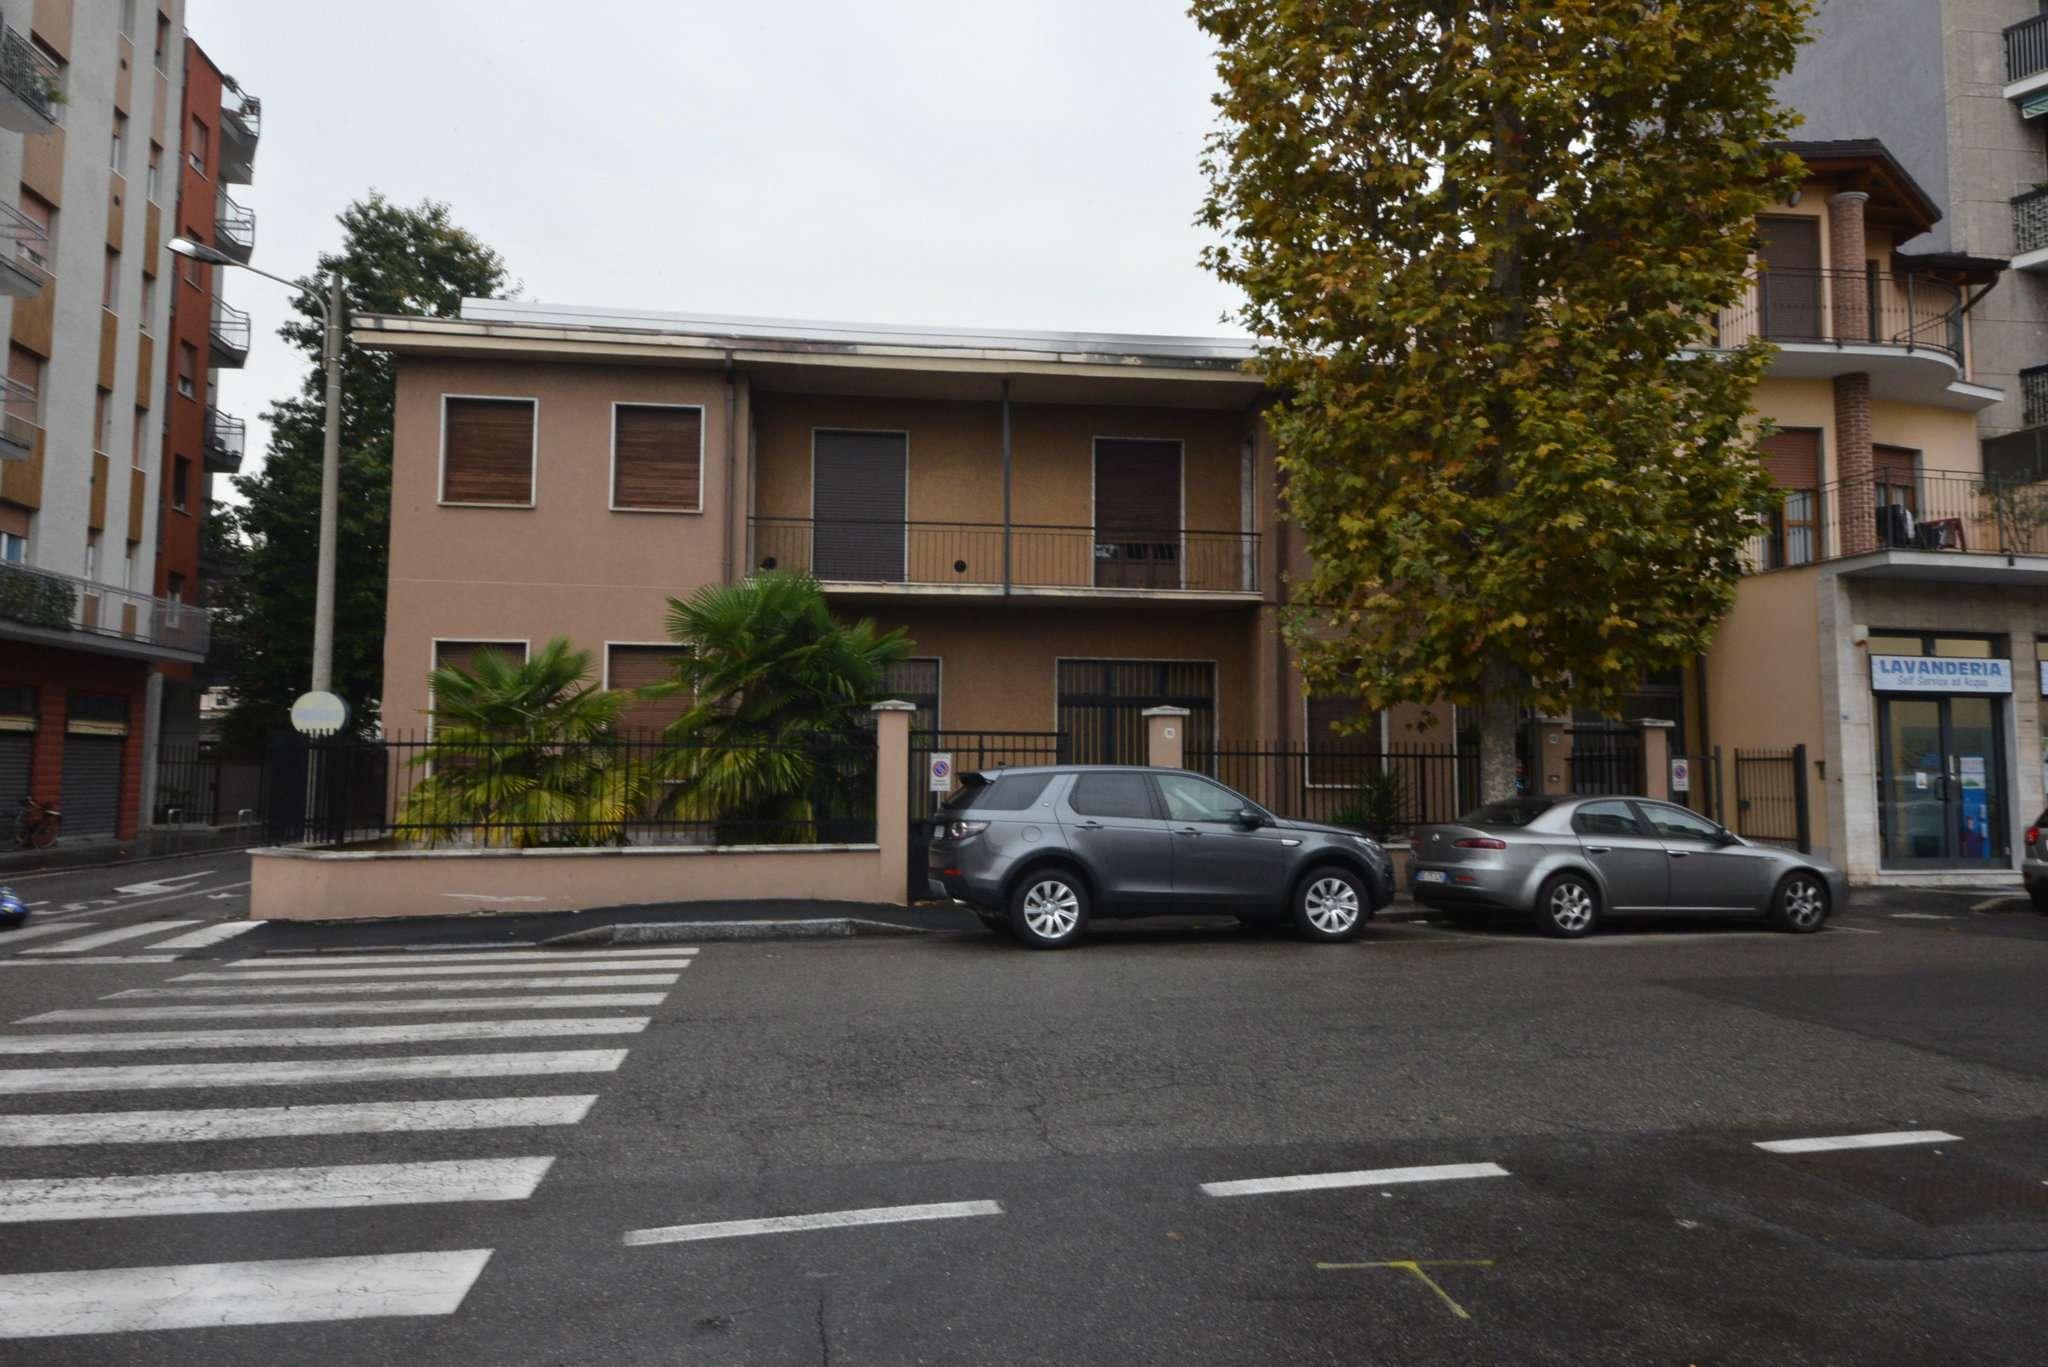 Palazzo / Stabile in vendita a Cinisello Balsamo, 9999 locali, prezzo € 680.000 | Cambio Casa.it